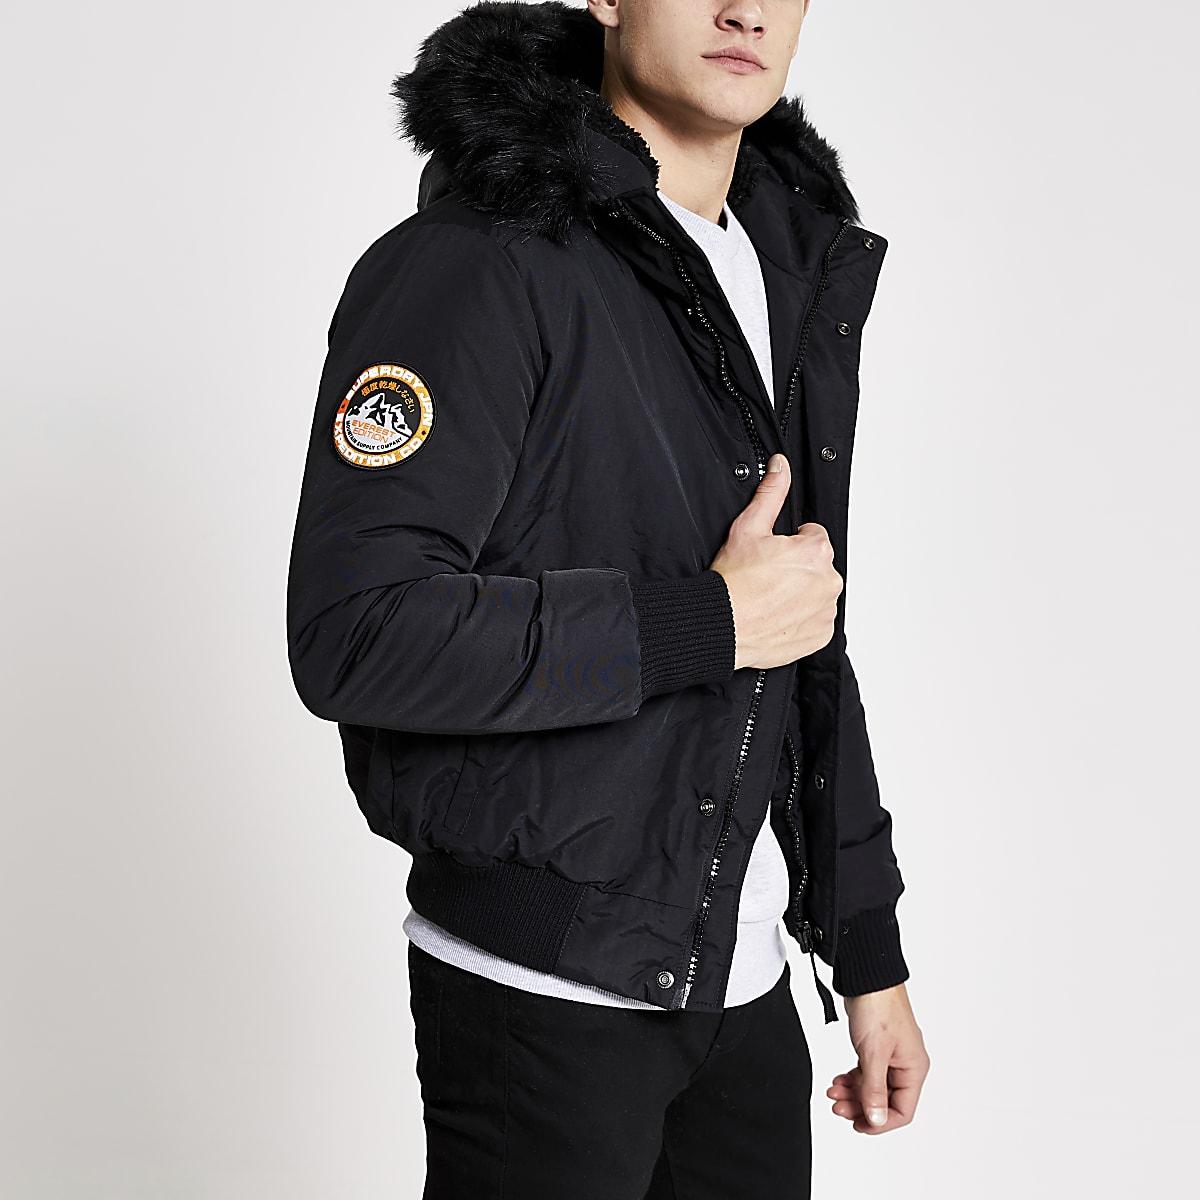 Superdry black Everest bomber jacket